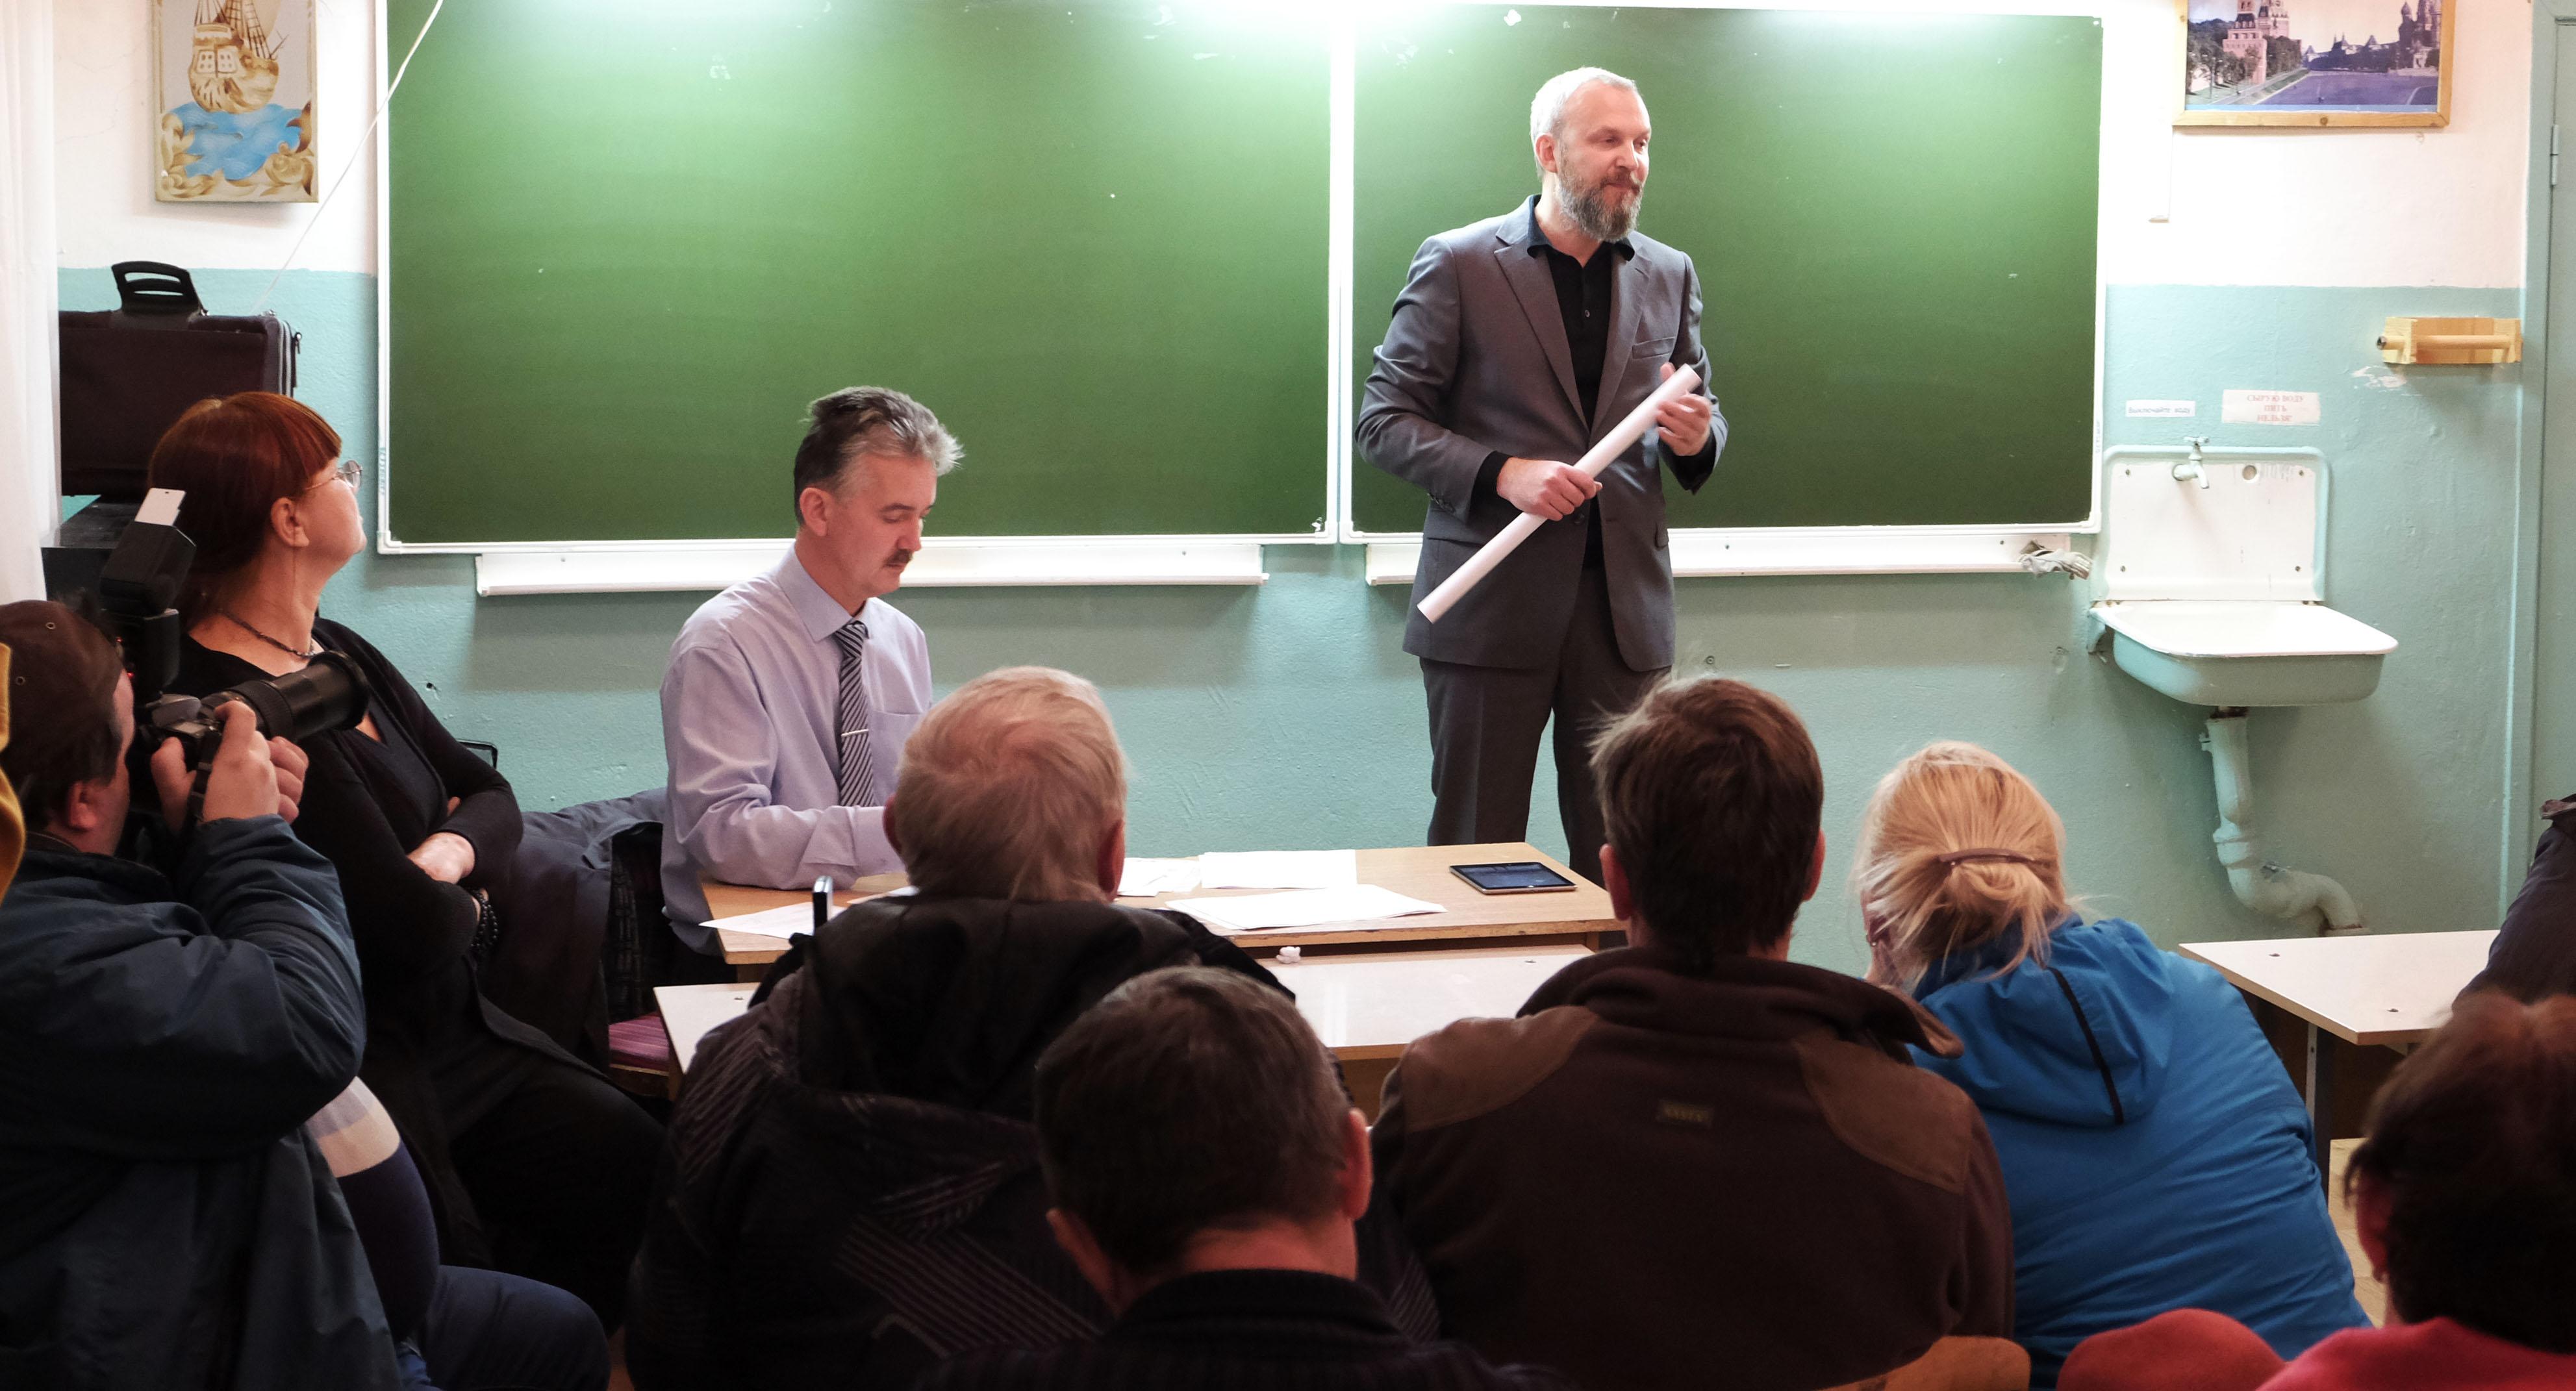 Айво Халлист пытается убедить жителей Приладожья. Фото: Роман Ратнер